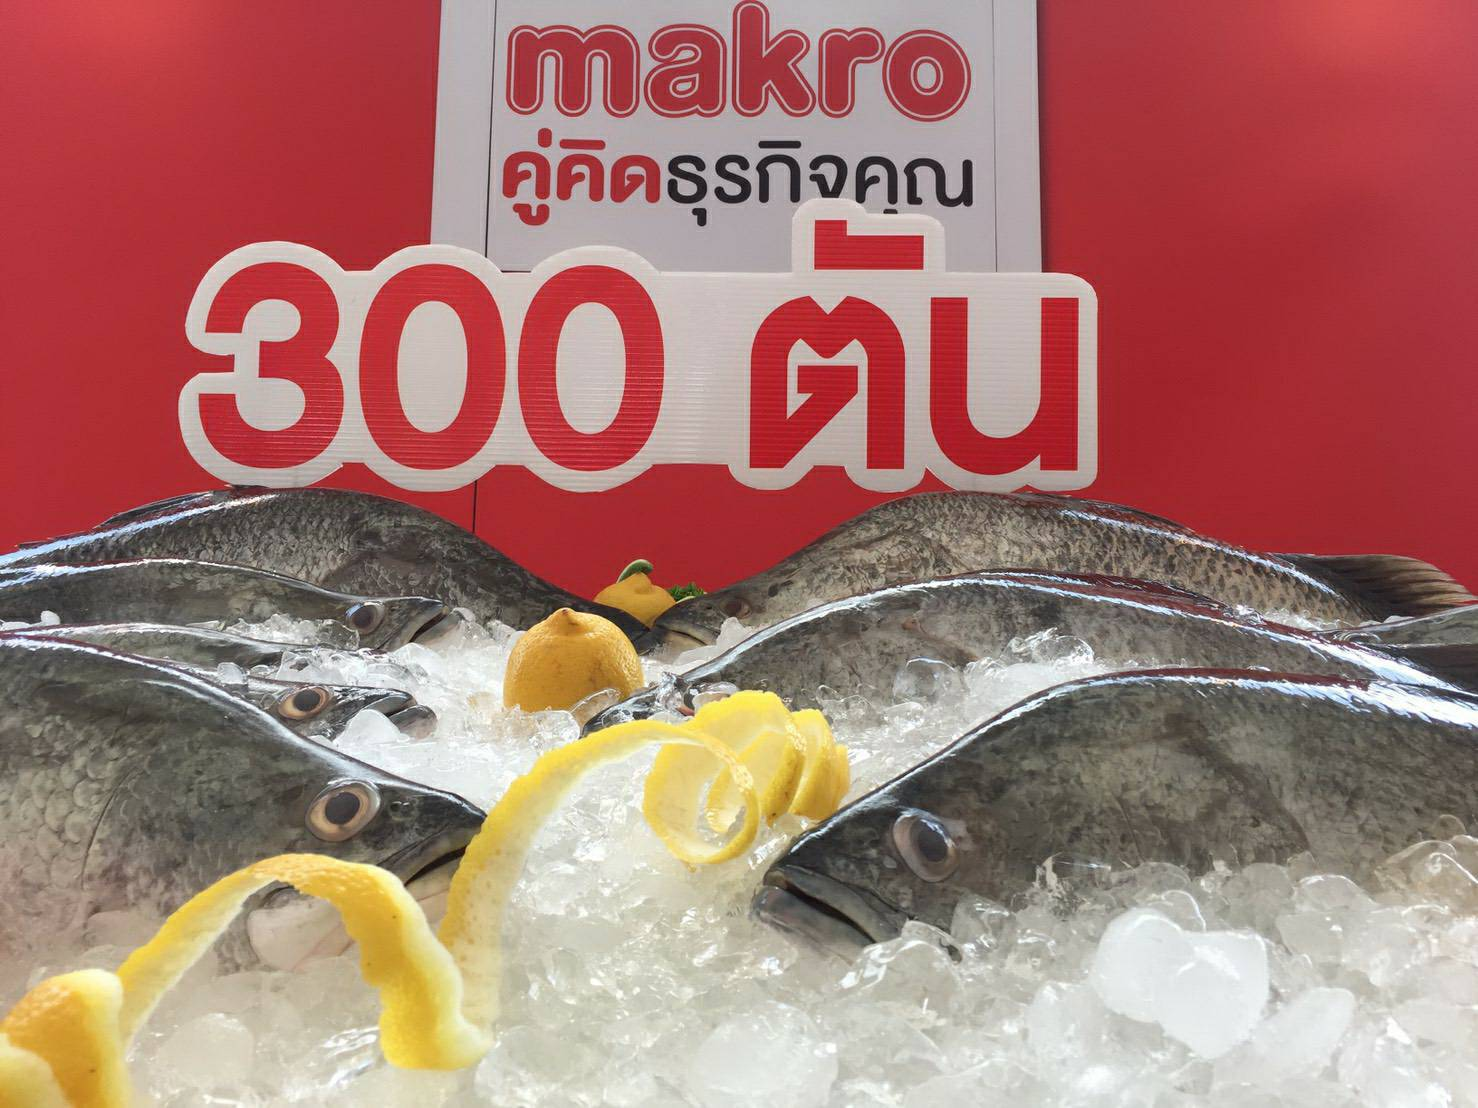 แม็คโคร ปลื้ม! ดันยอดรับซื้อปลากะพง ช่วยเกษตรกรระบายผลผลิตได้กว่า 300 ตัน